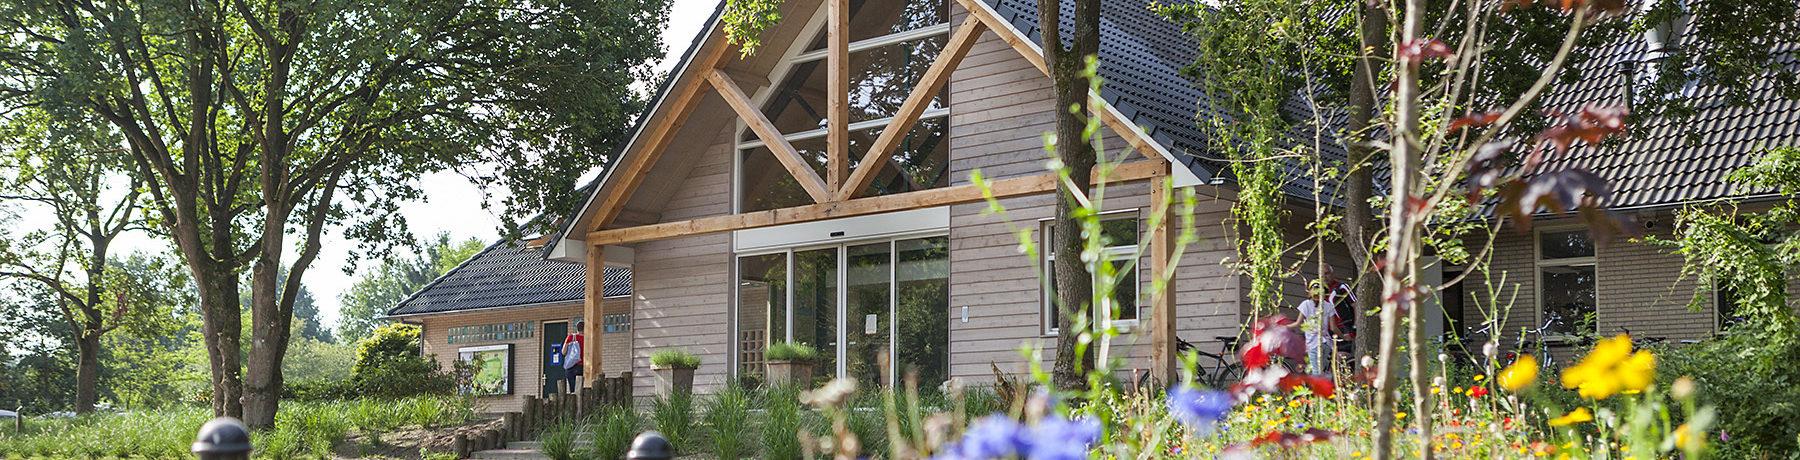 De groene Camping De Reeënwissel beschikt over veel faciliteiten en is gunstig gelegen in Drenthe aan het Nationaal park Drents Friese Wold.